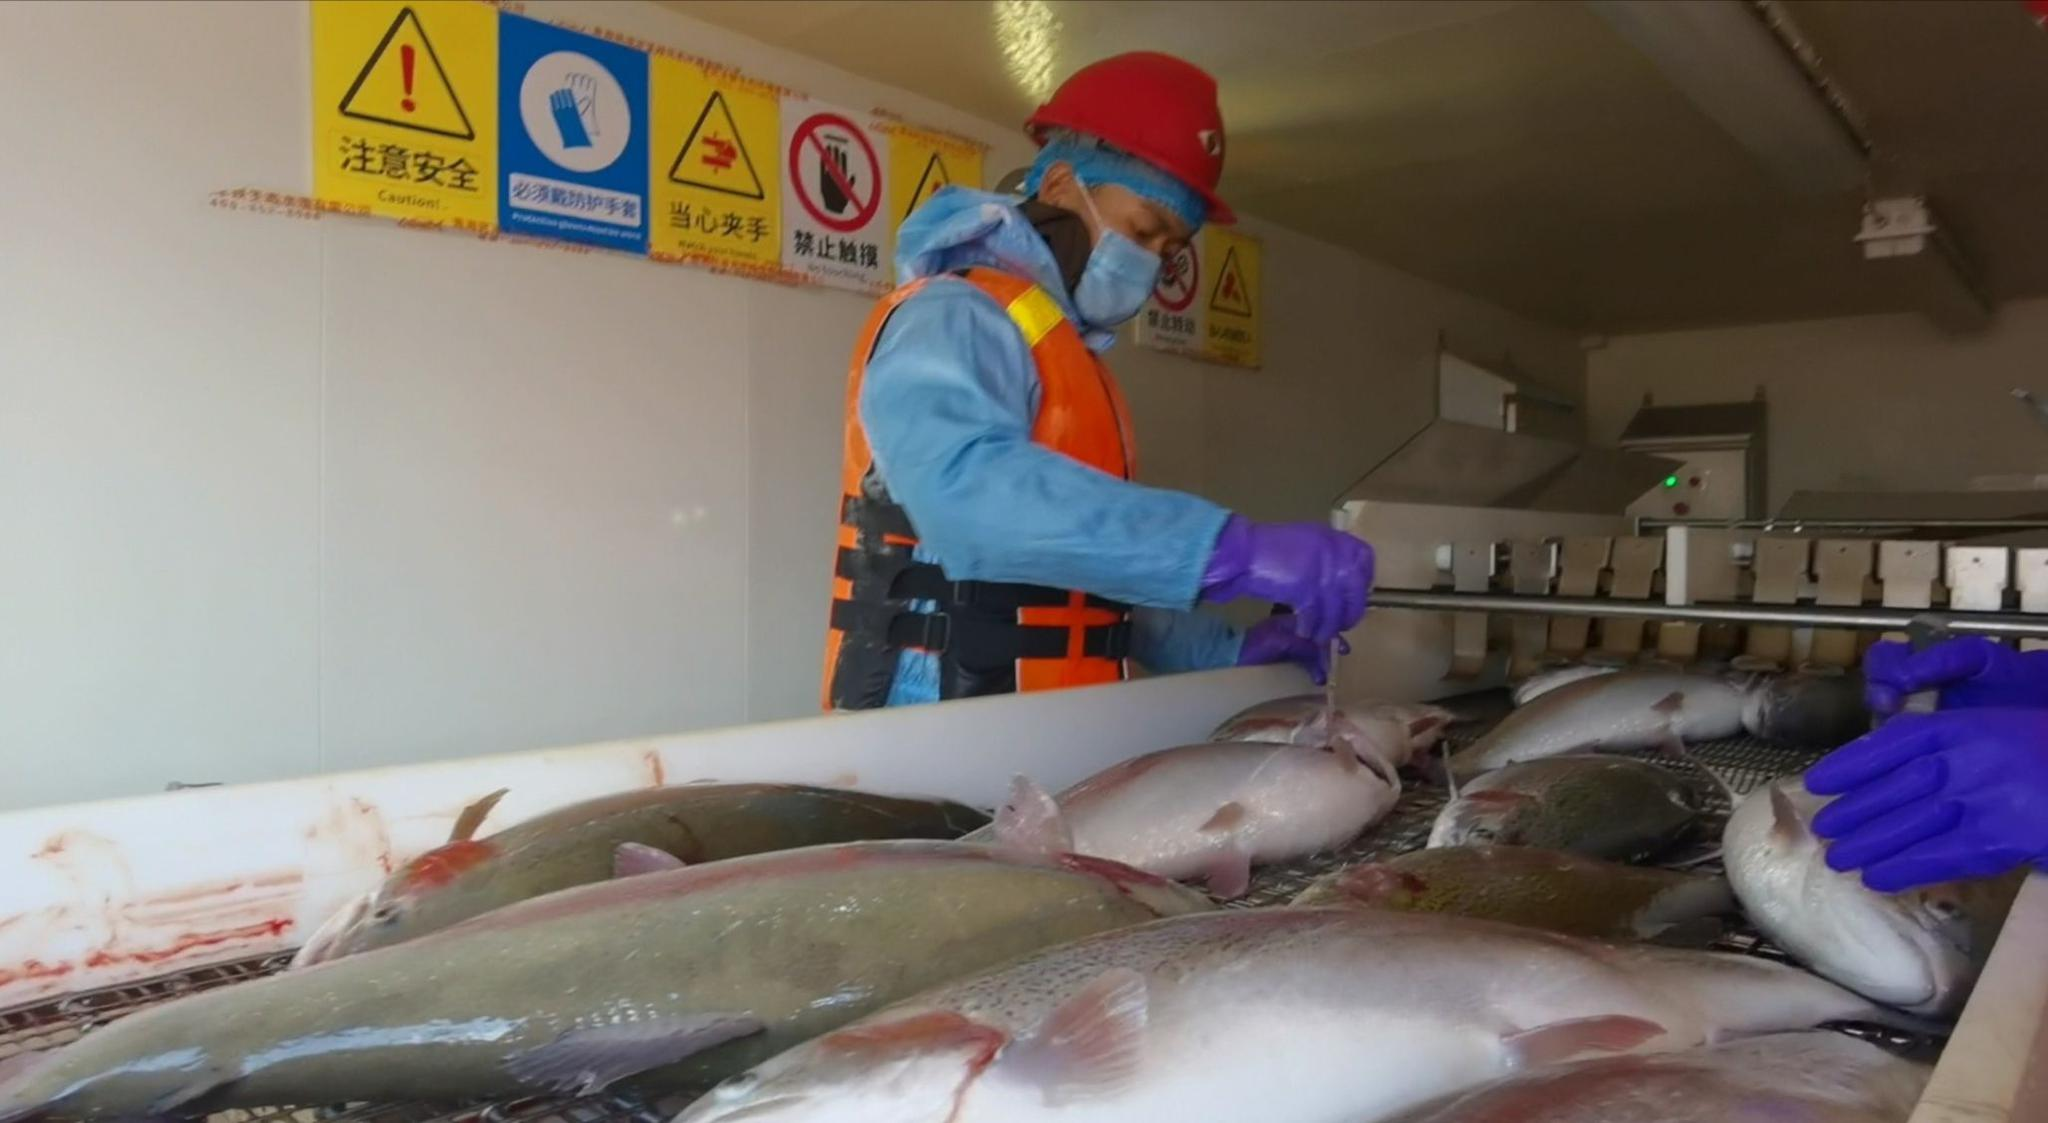 国产三文鱼遭遇内销困境,渔业扶贫或成解决途径图片